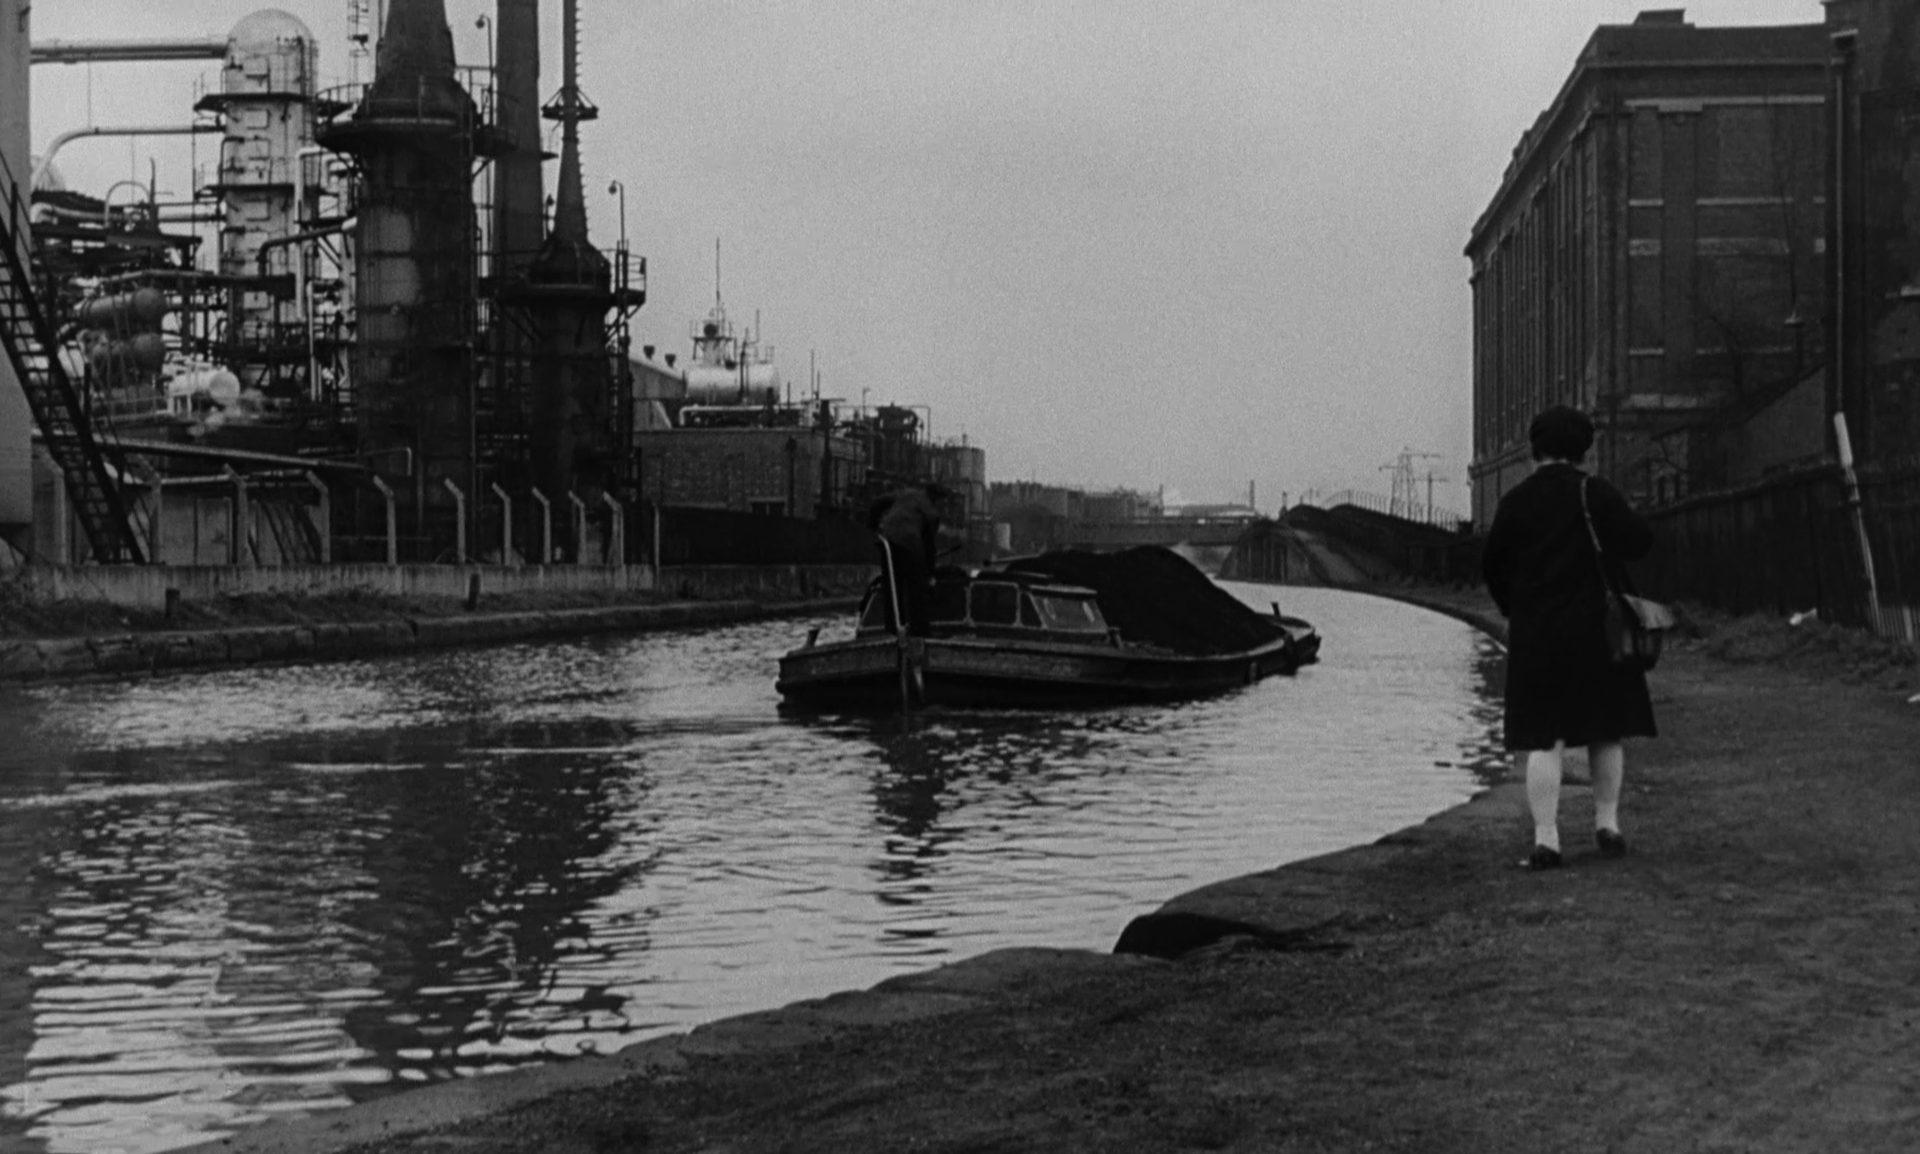 Ein kleines Binnenschiff auf einem Fluss, im Hintergrund eine Industrieanlage, am Ufer geht Jo entlang.